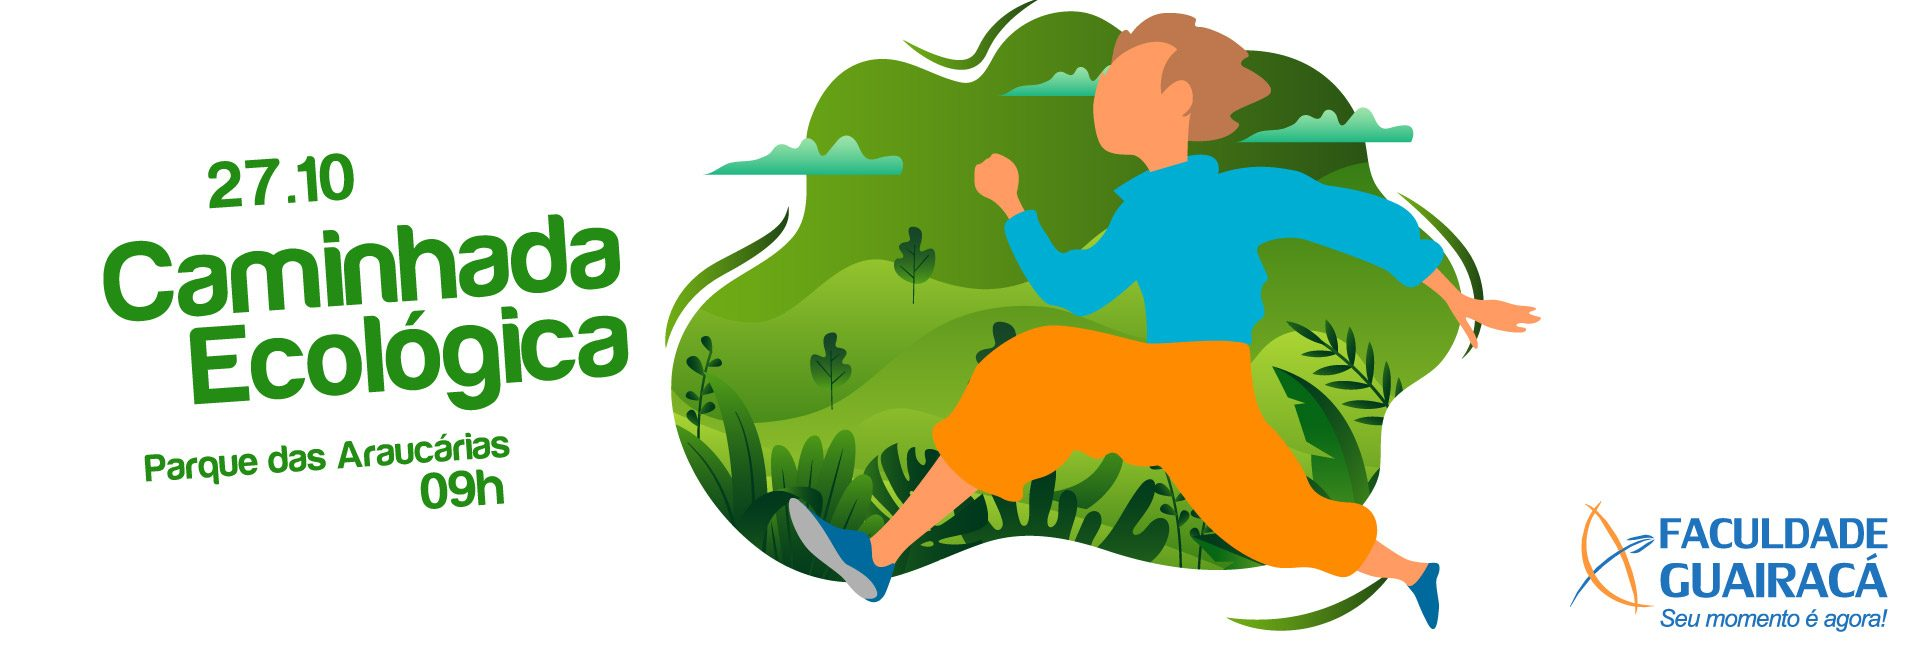 Caminhada Ecológica